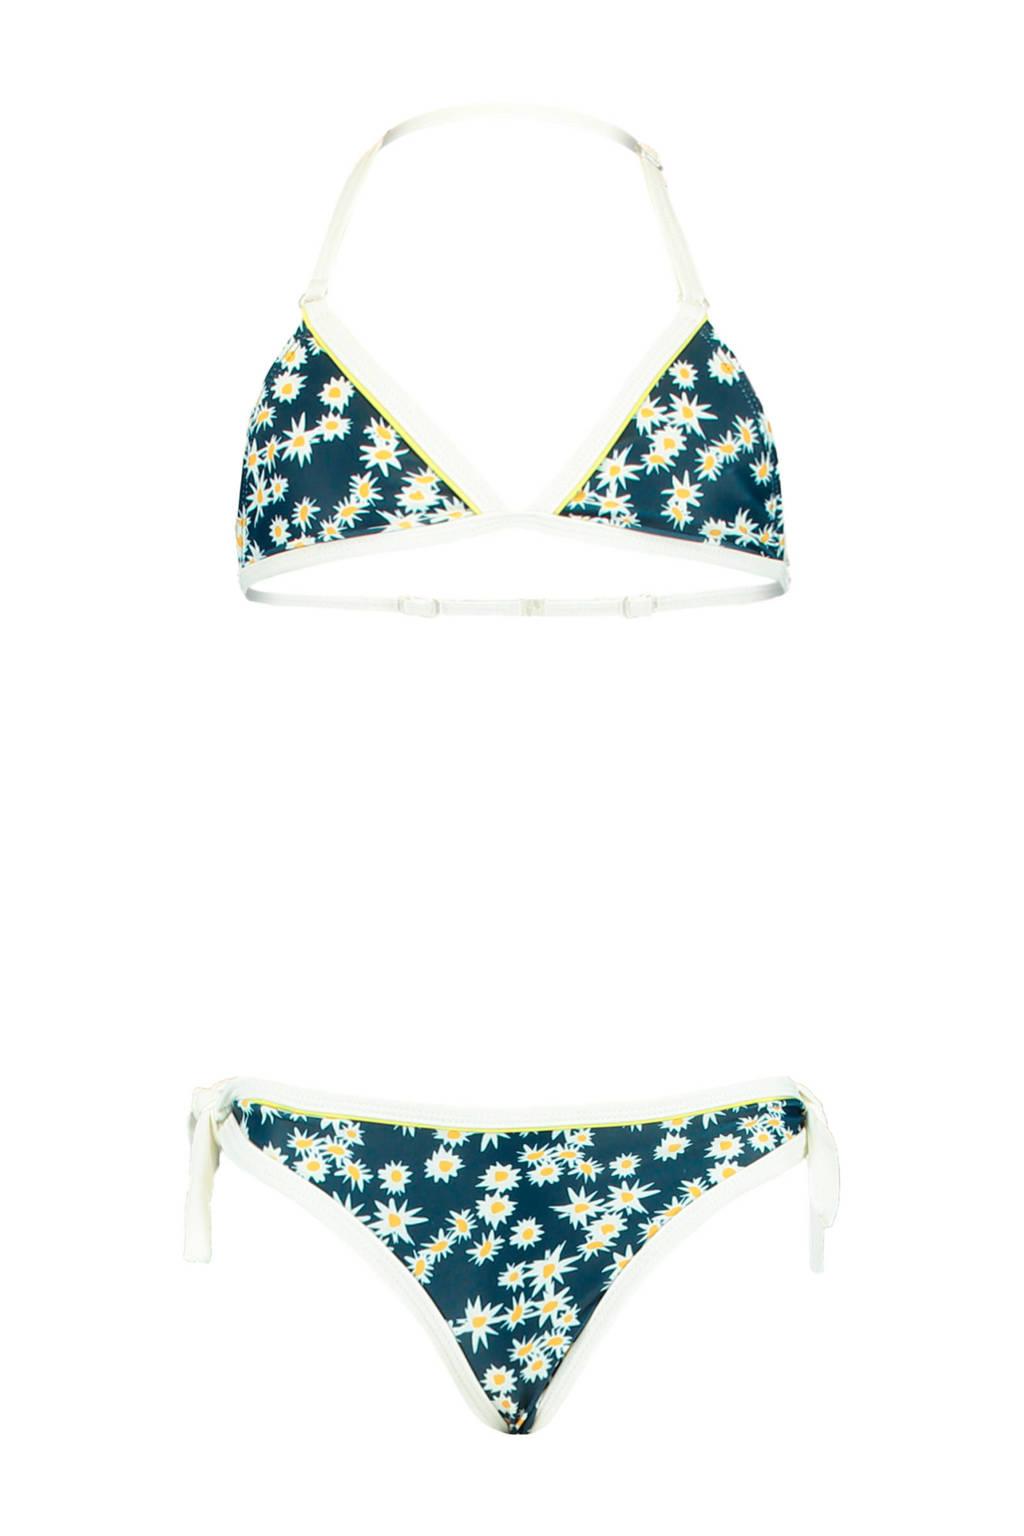 America Today Junior triangel bikini Luna met bloemen blauw, Blauw/geel/wit